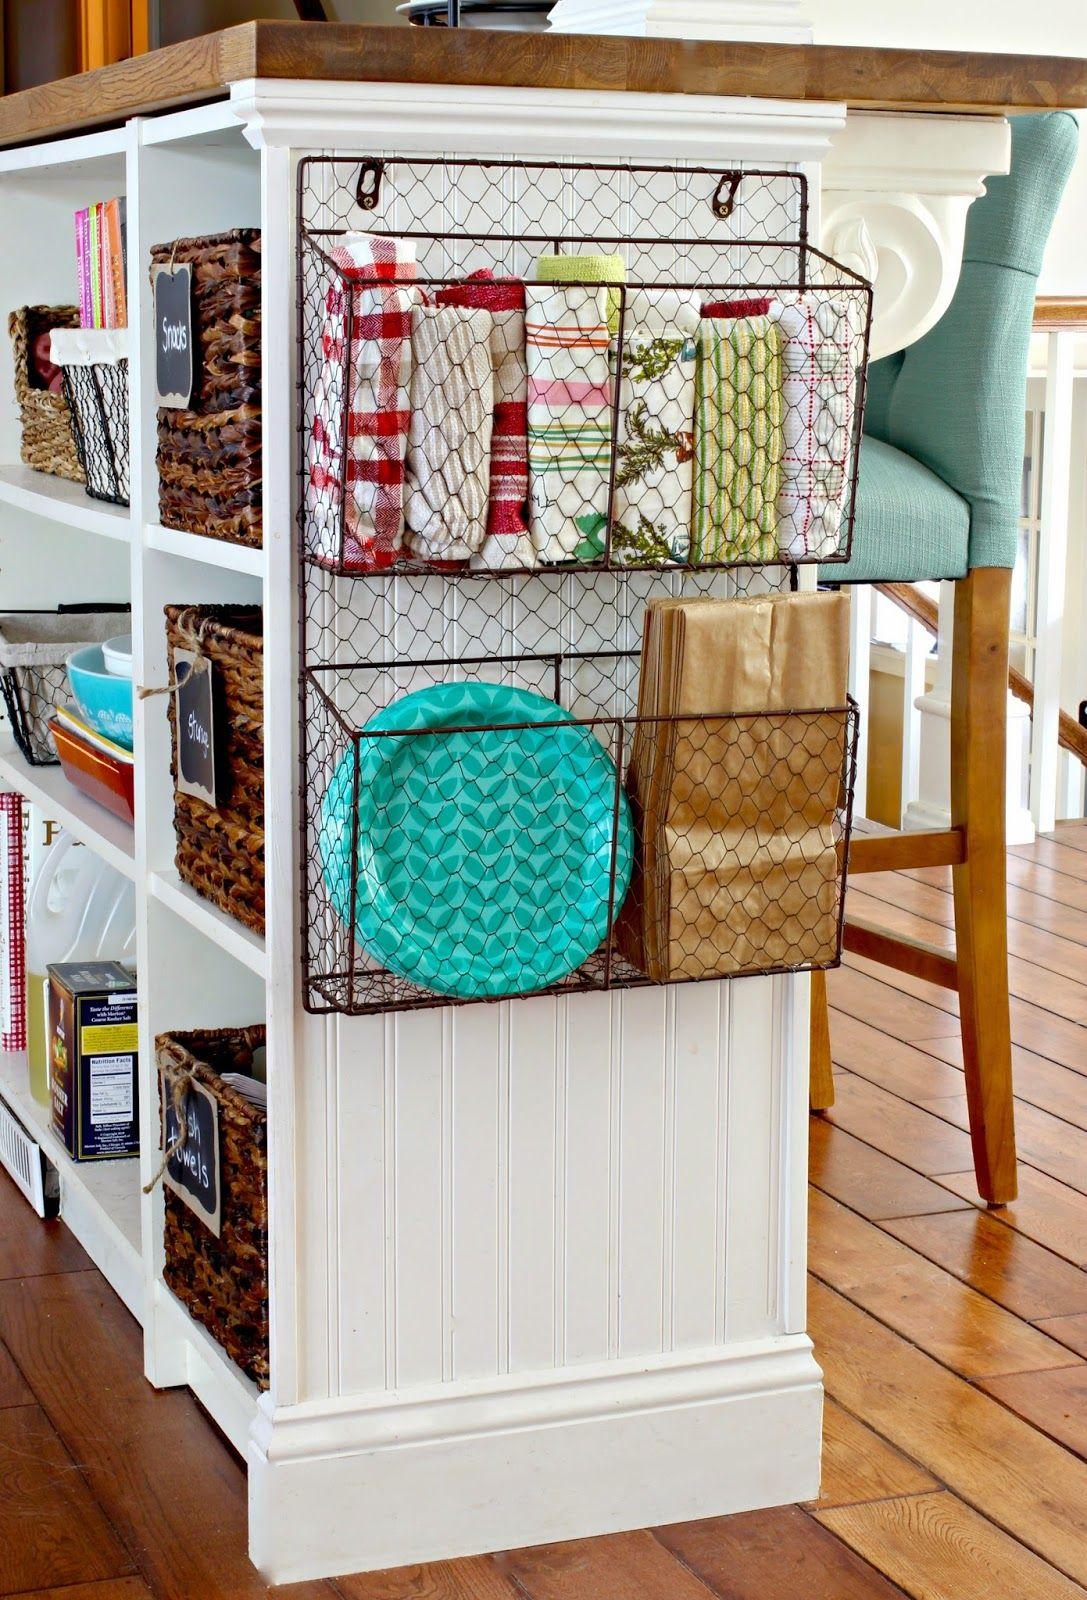 diy kitchen ideas Golden Boys and Me Mail Storage IdeasKitchen